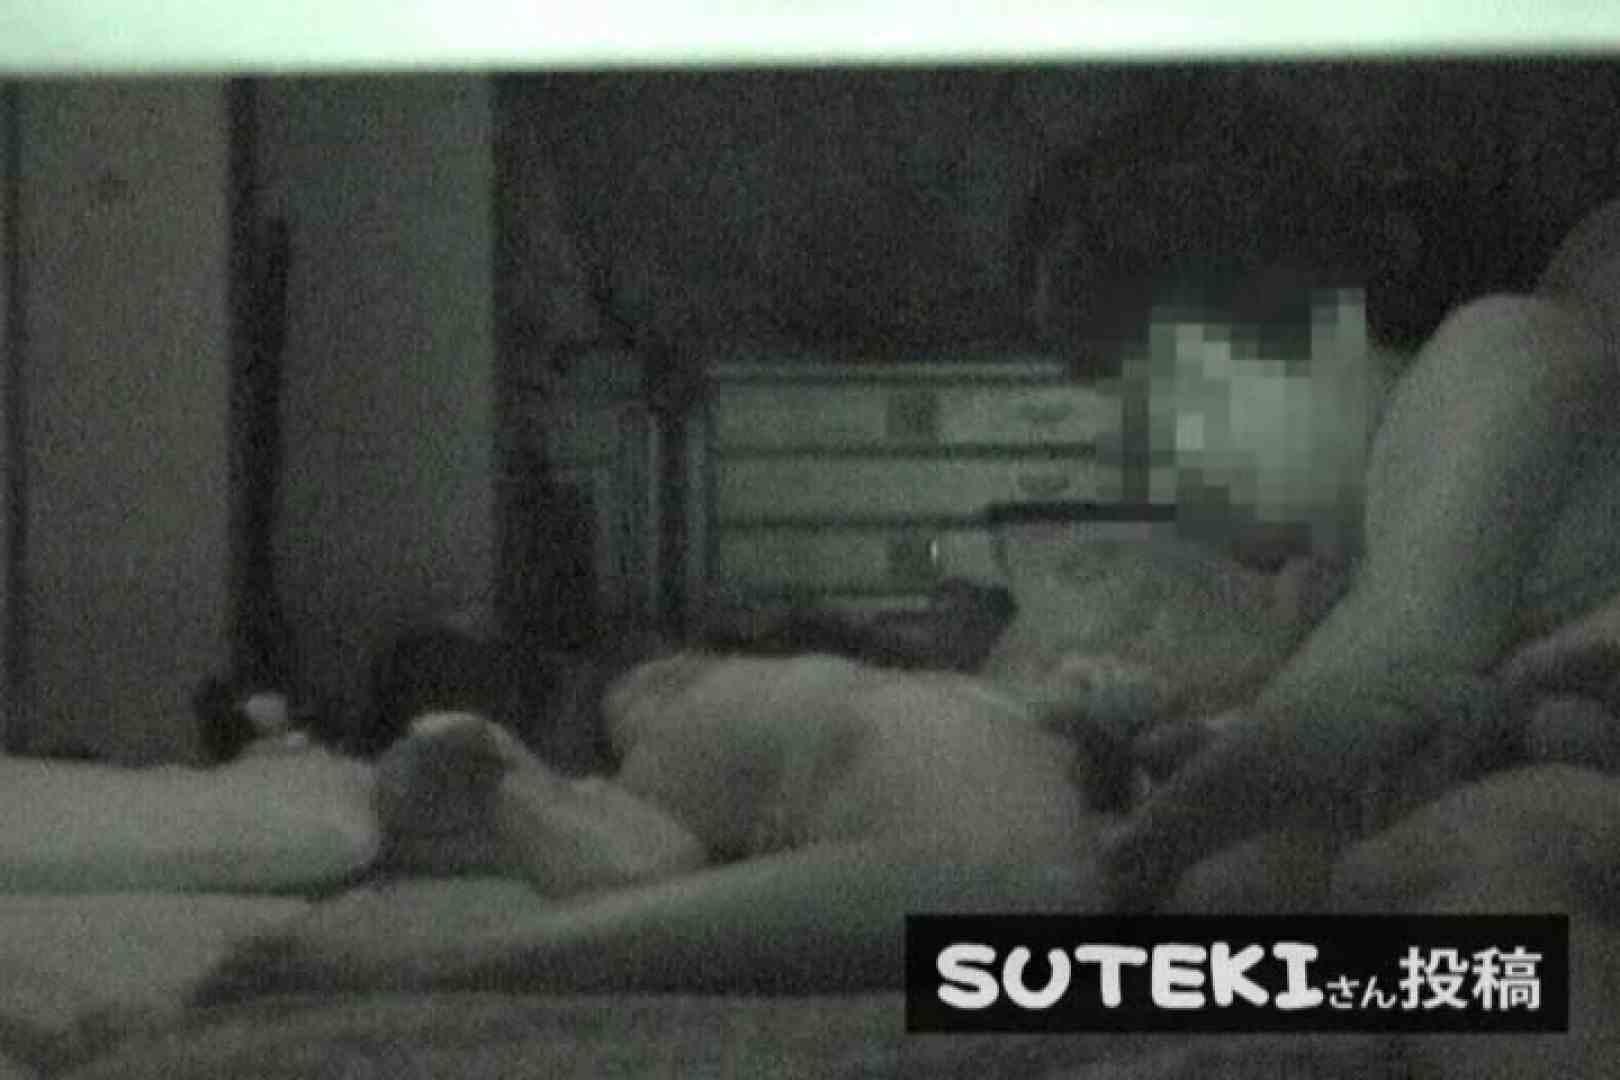 SUTEKIさん投稿 ナイトショット 盗撮大放出 盗み撮り動画 93連発 83